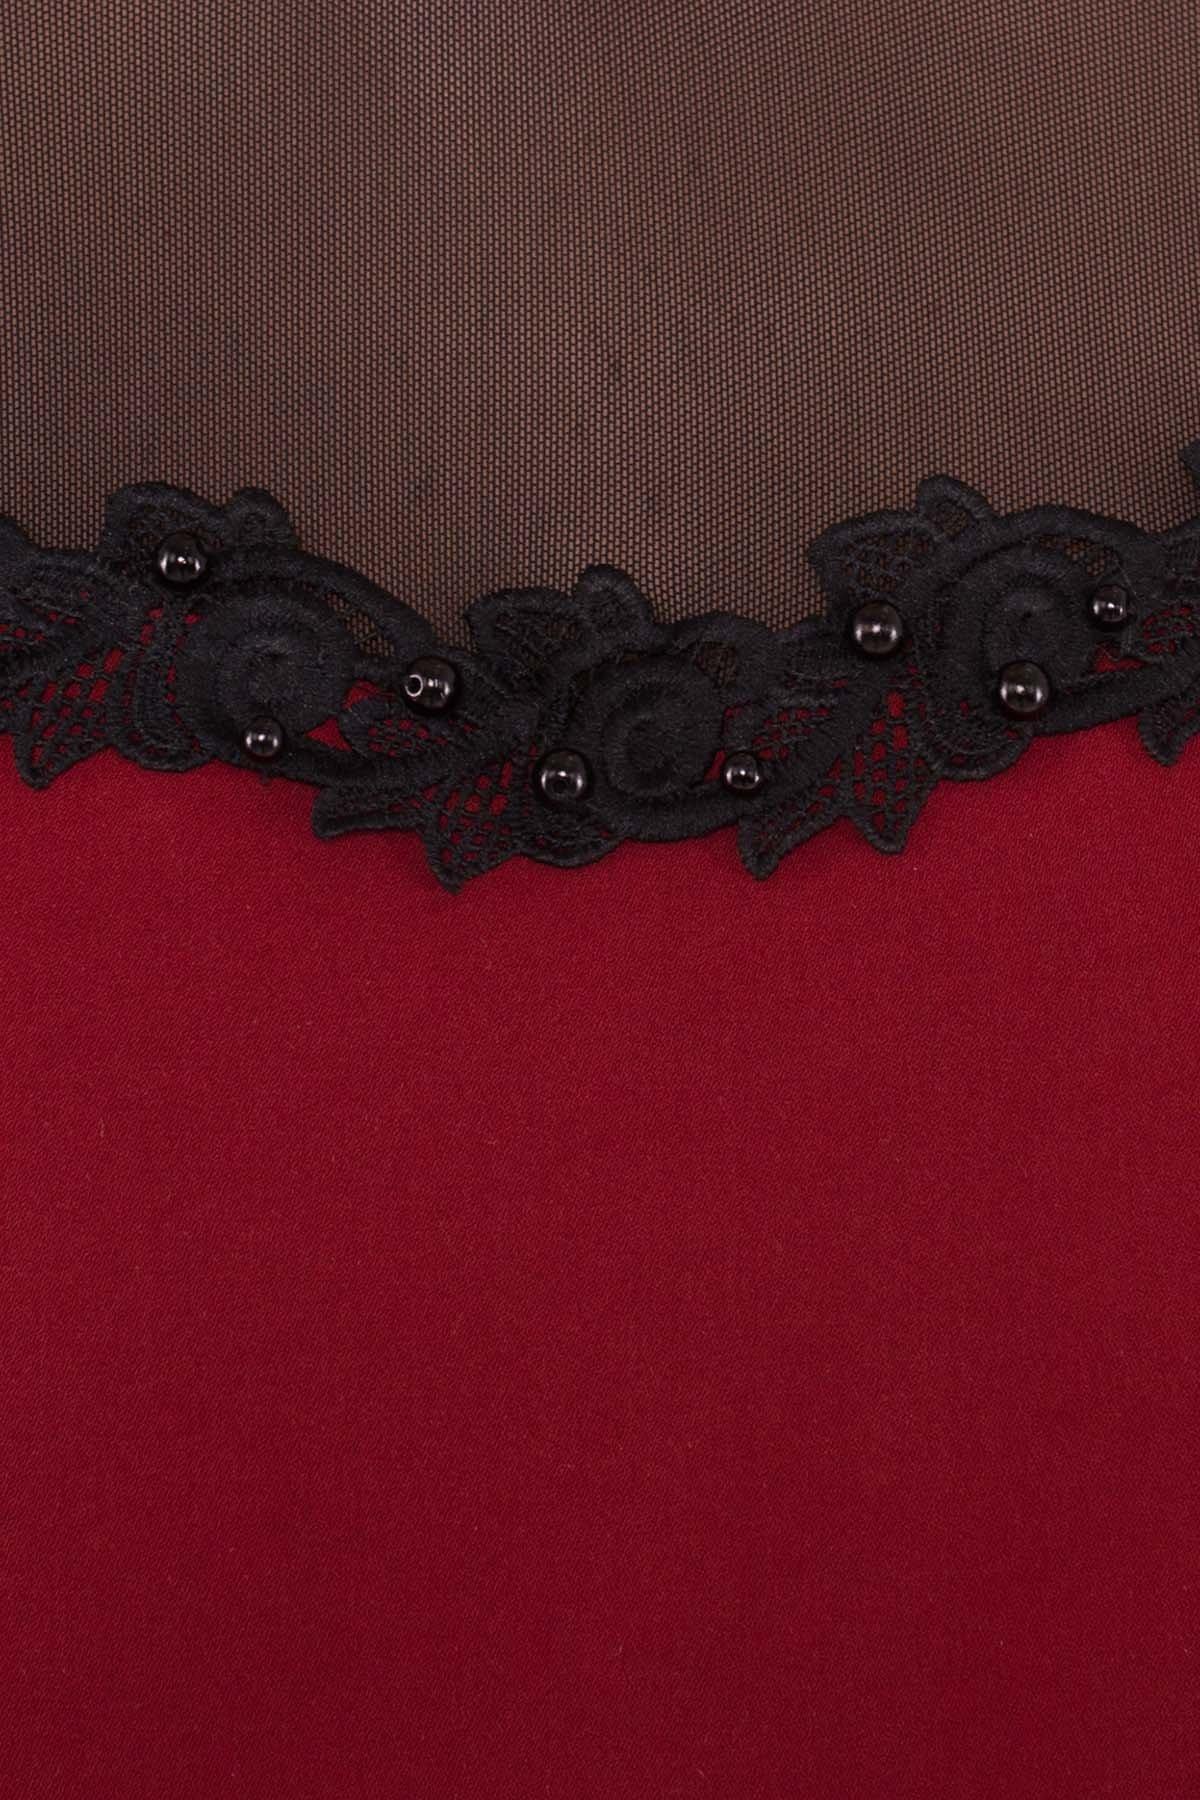 Платье Мусс 5485 АРТ. 37723 Цвет: Марсала - фото 4, интернет магазин tm-modus.ru